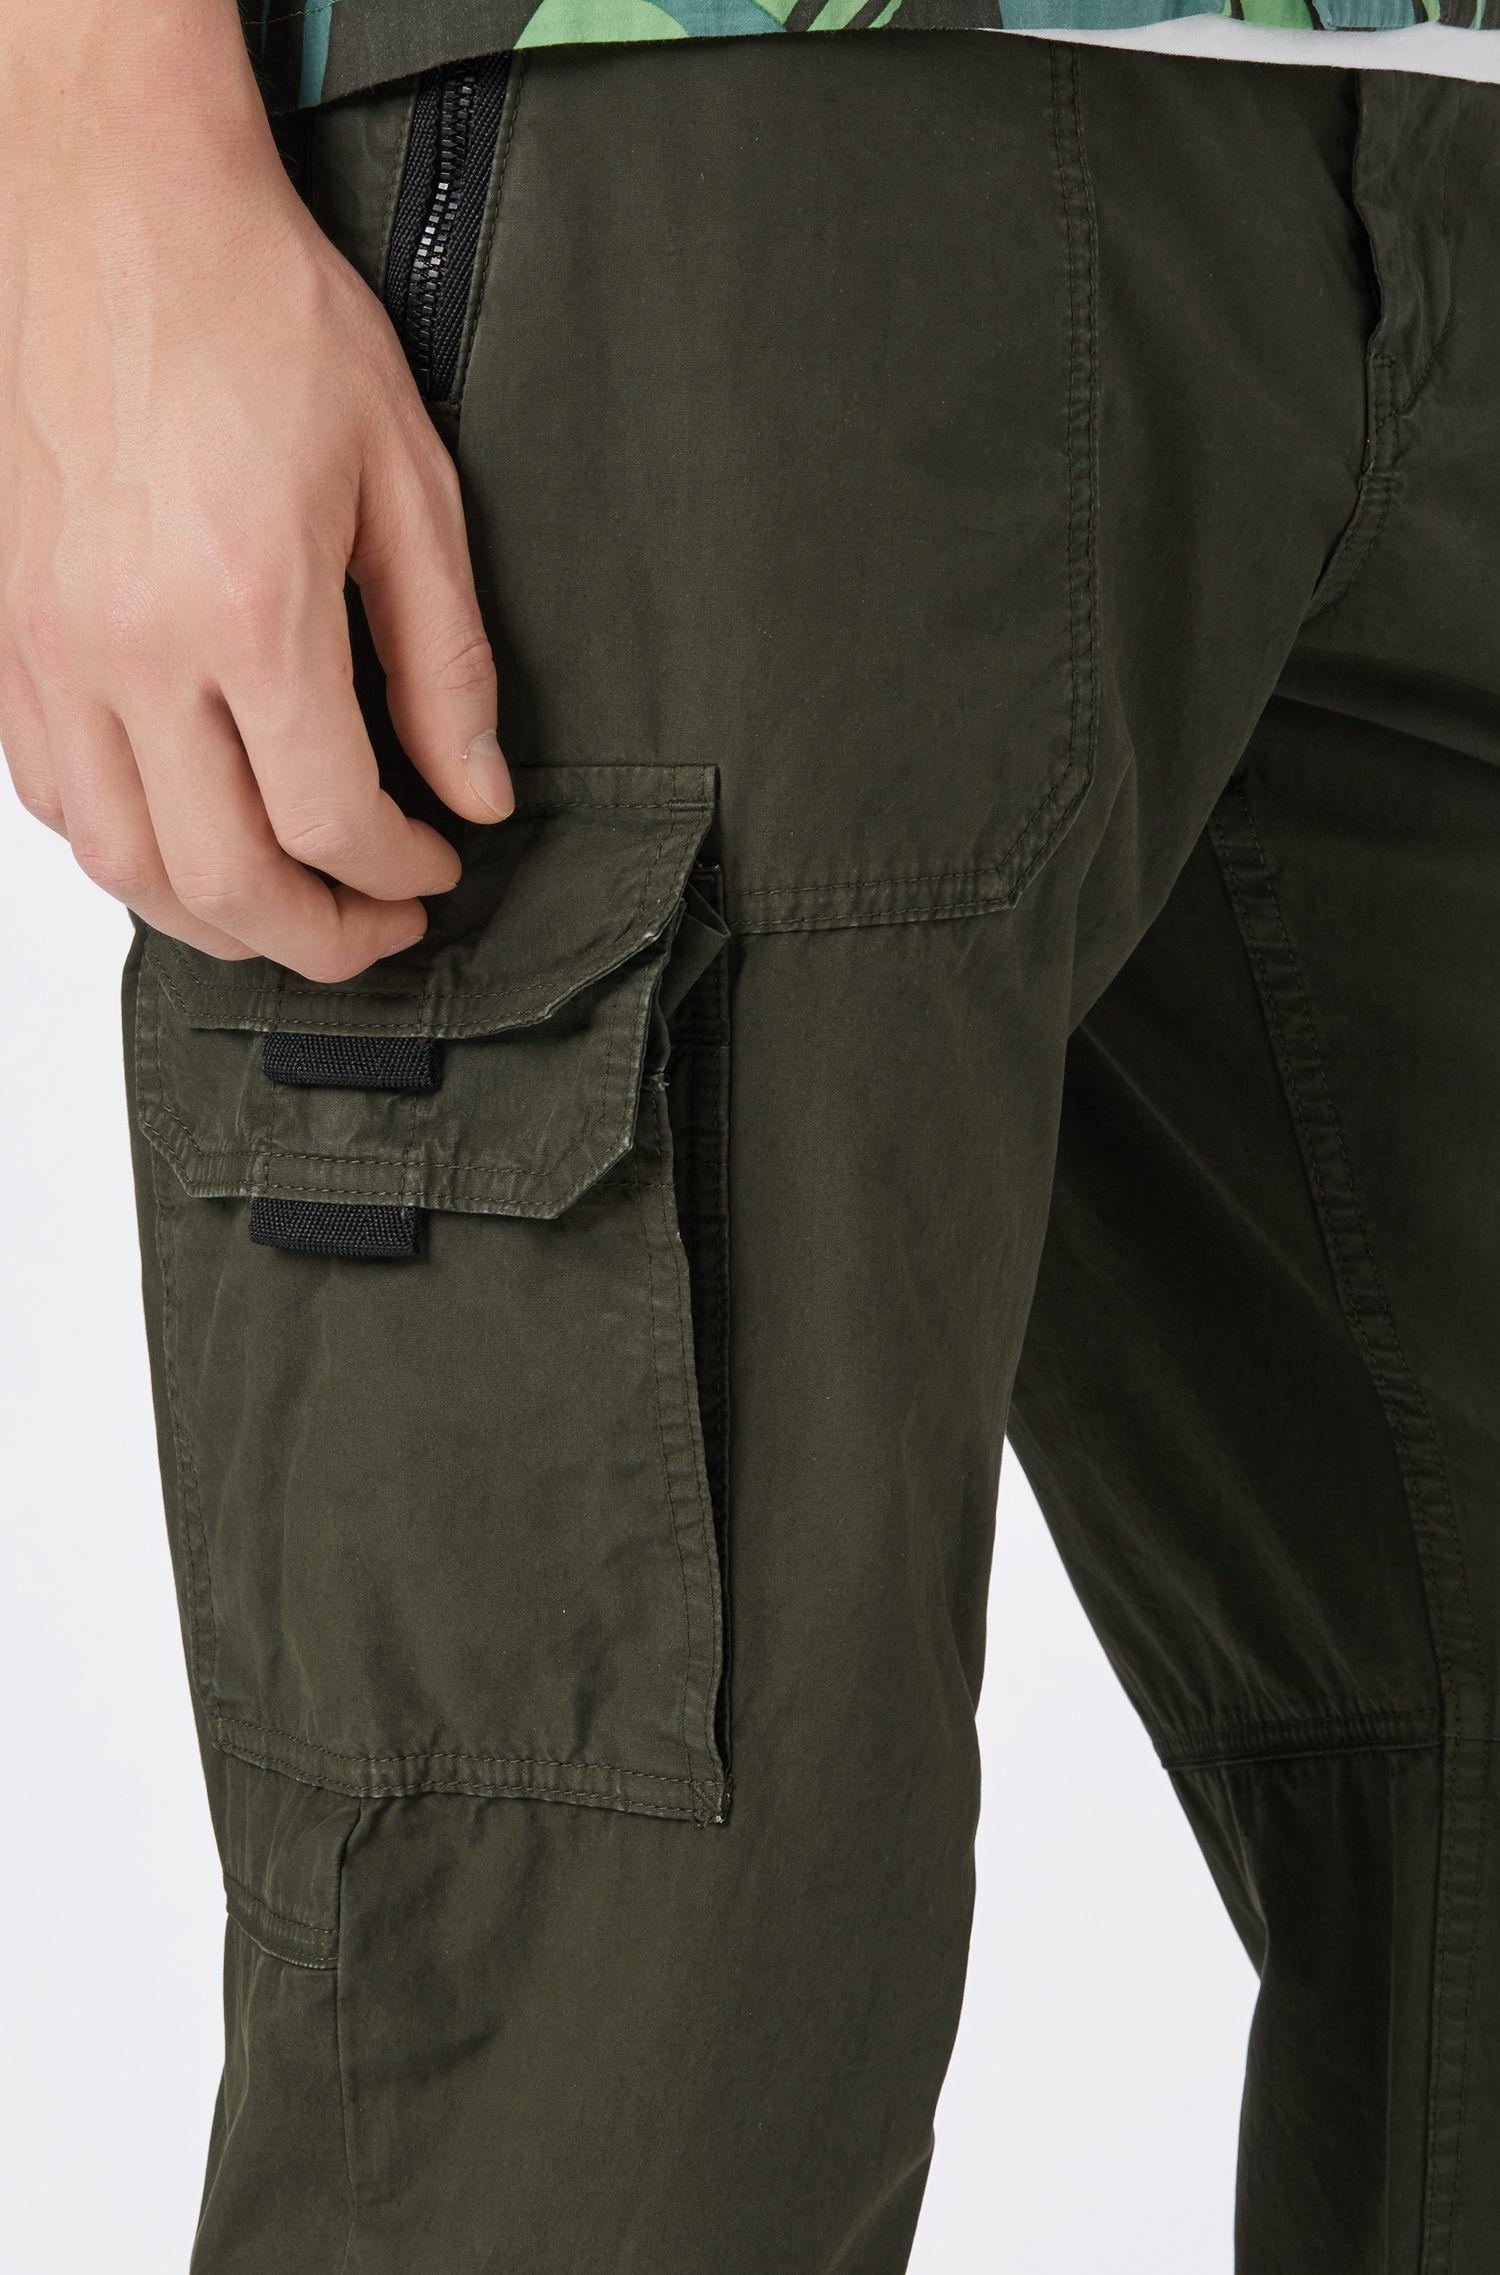 Pantaloni cargo tapered fit in popeline di cotone a doppia tintura, Calce